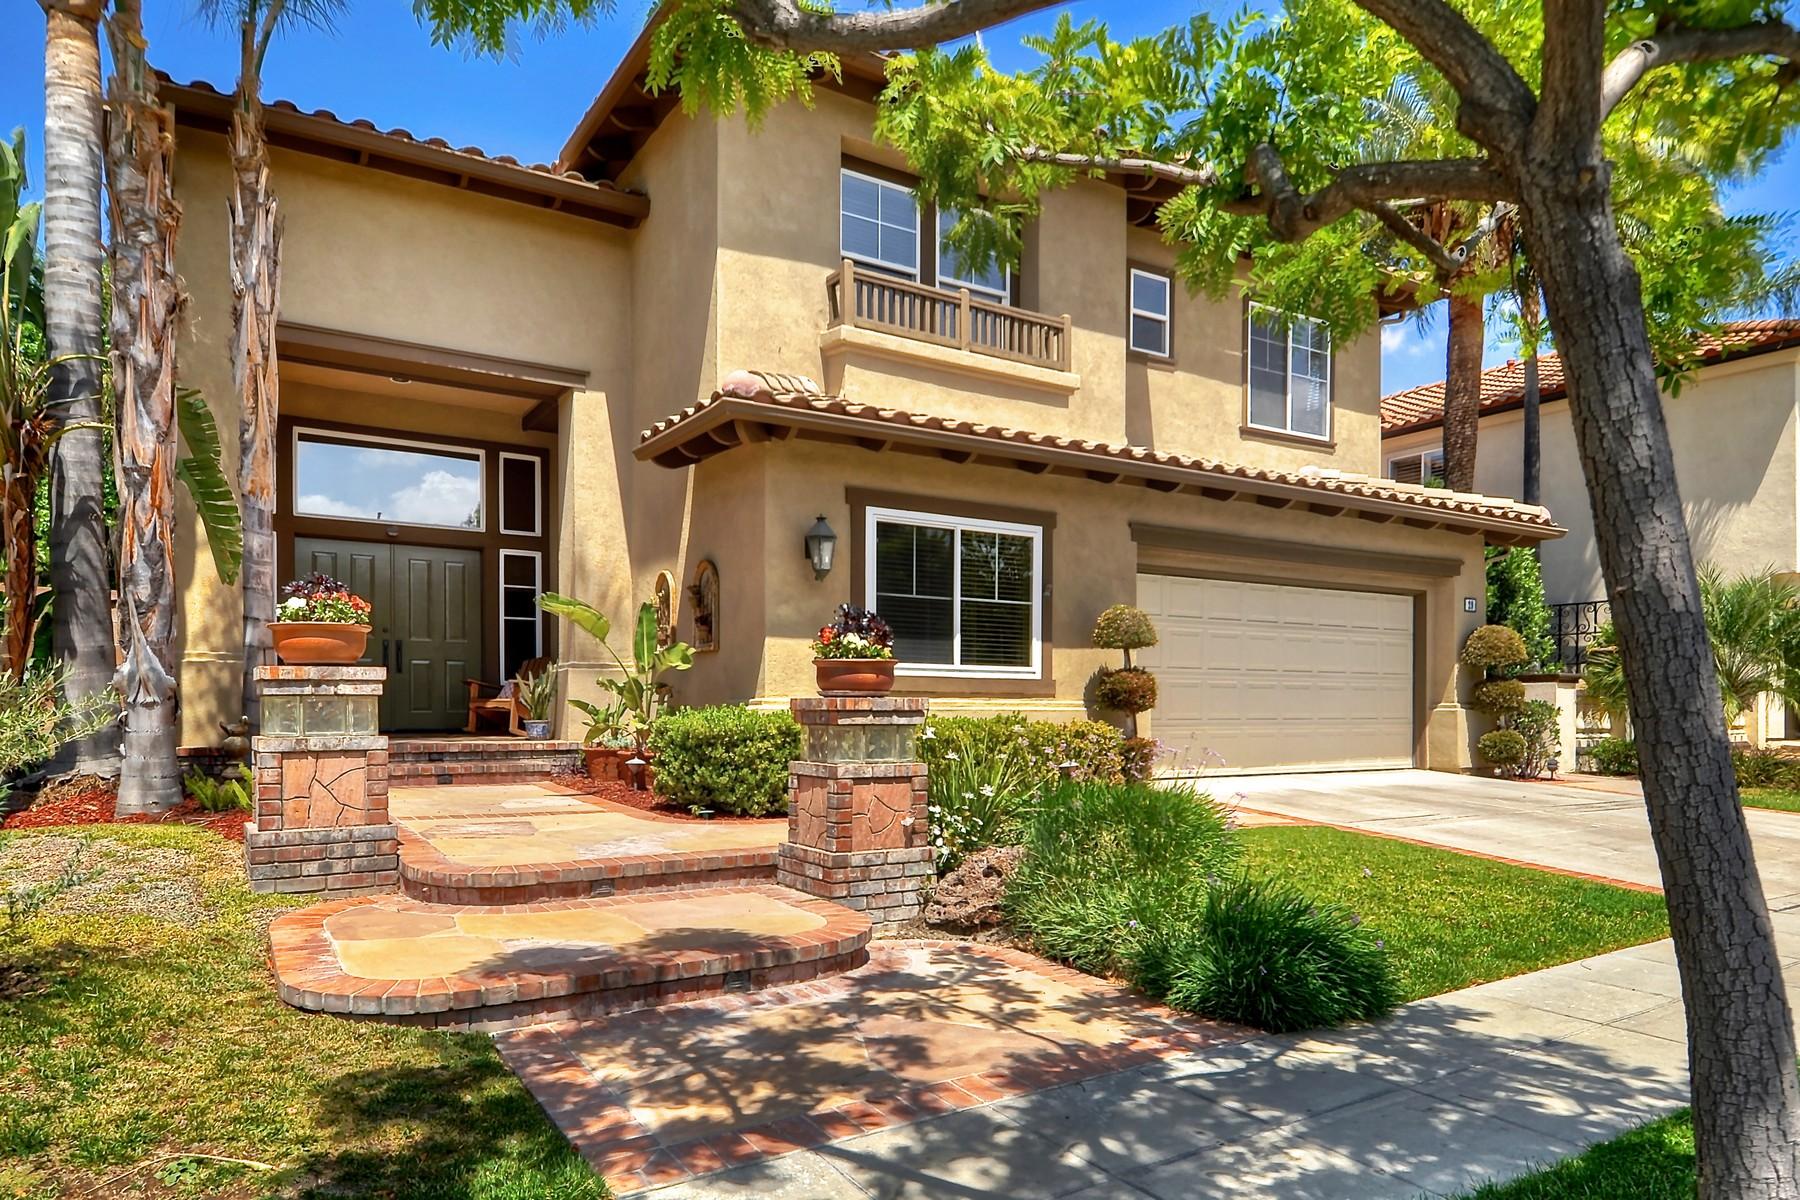 Casa para uma família para Venda às 29 Canyonwood Irvine, Califórnia, 92620 Estados Unidos